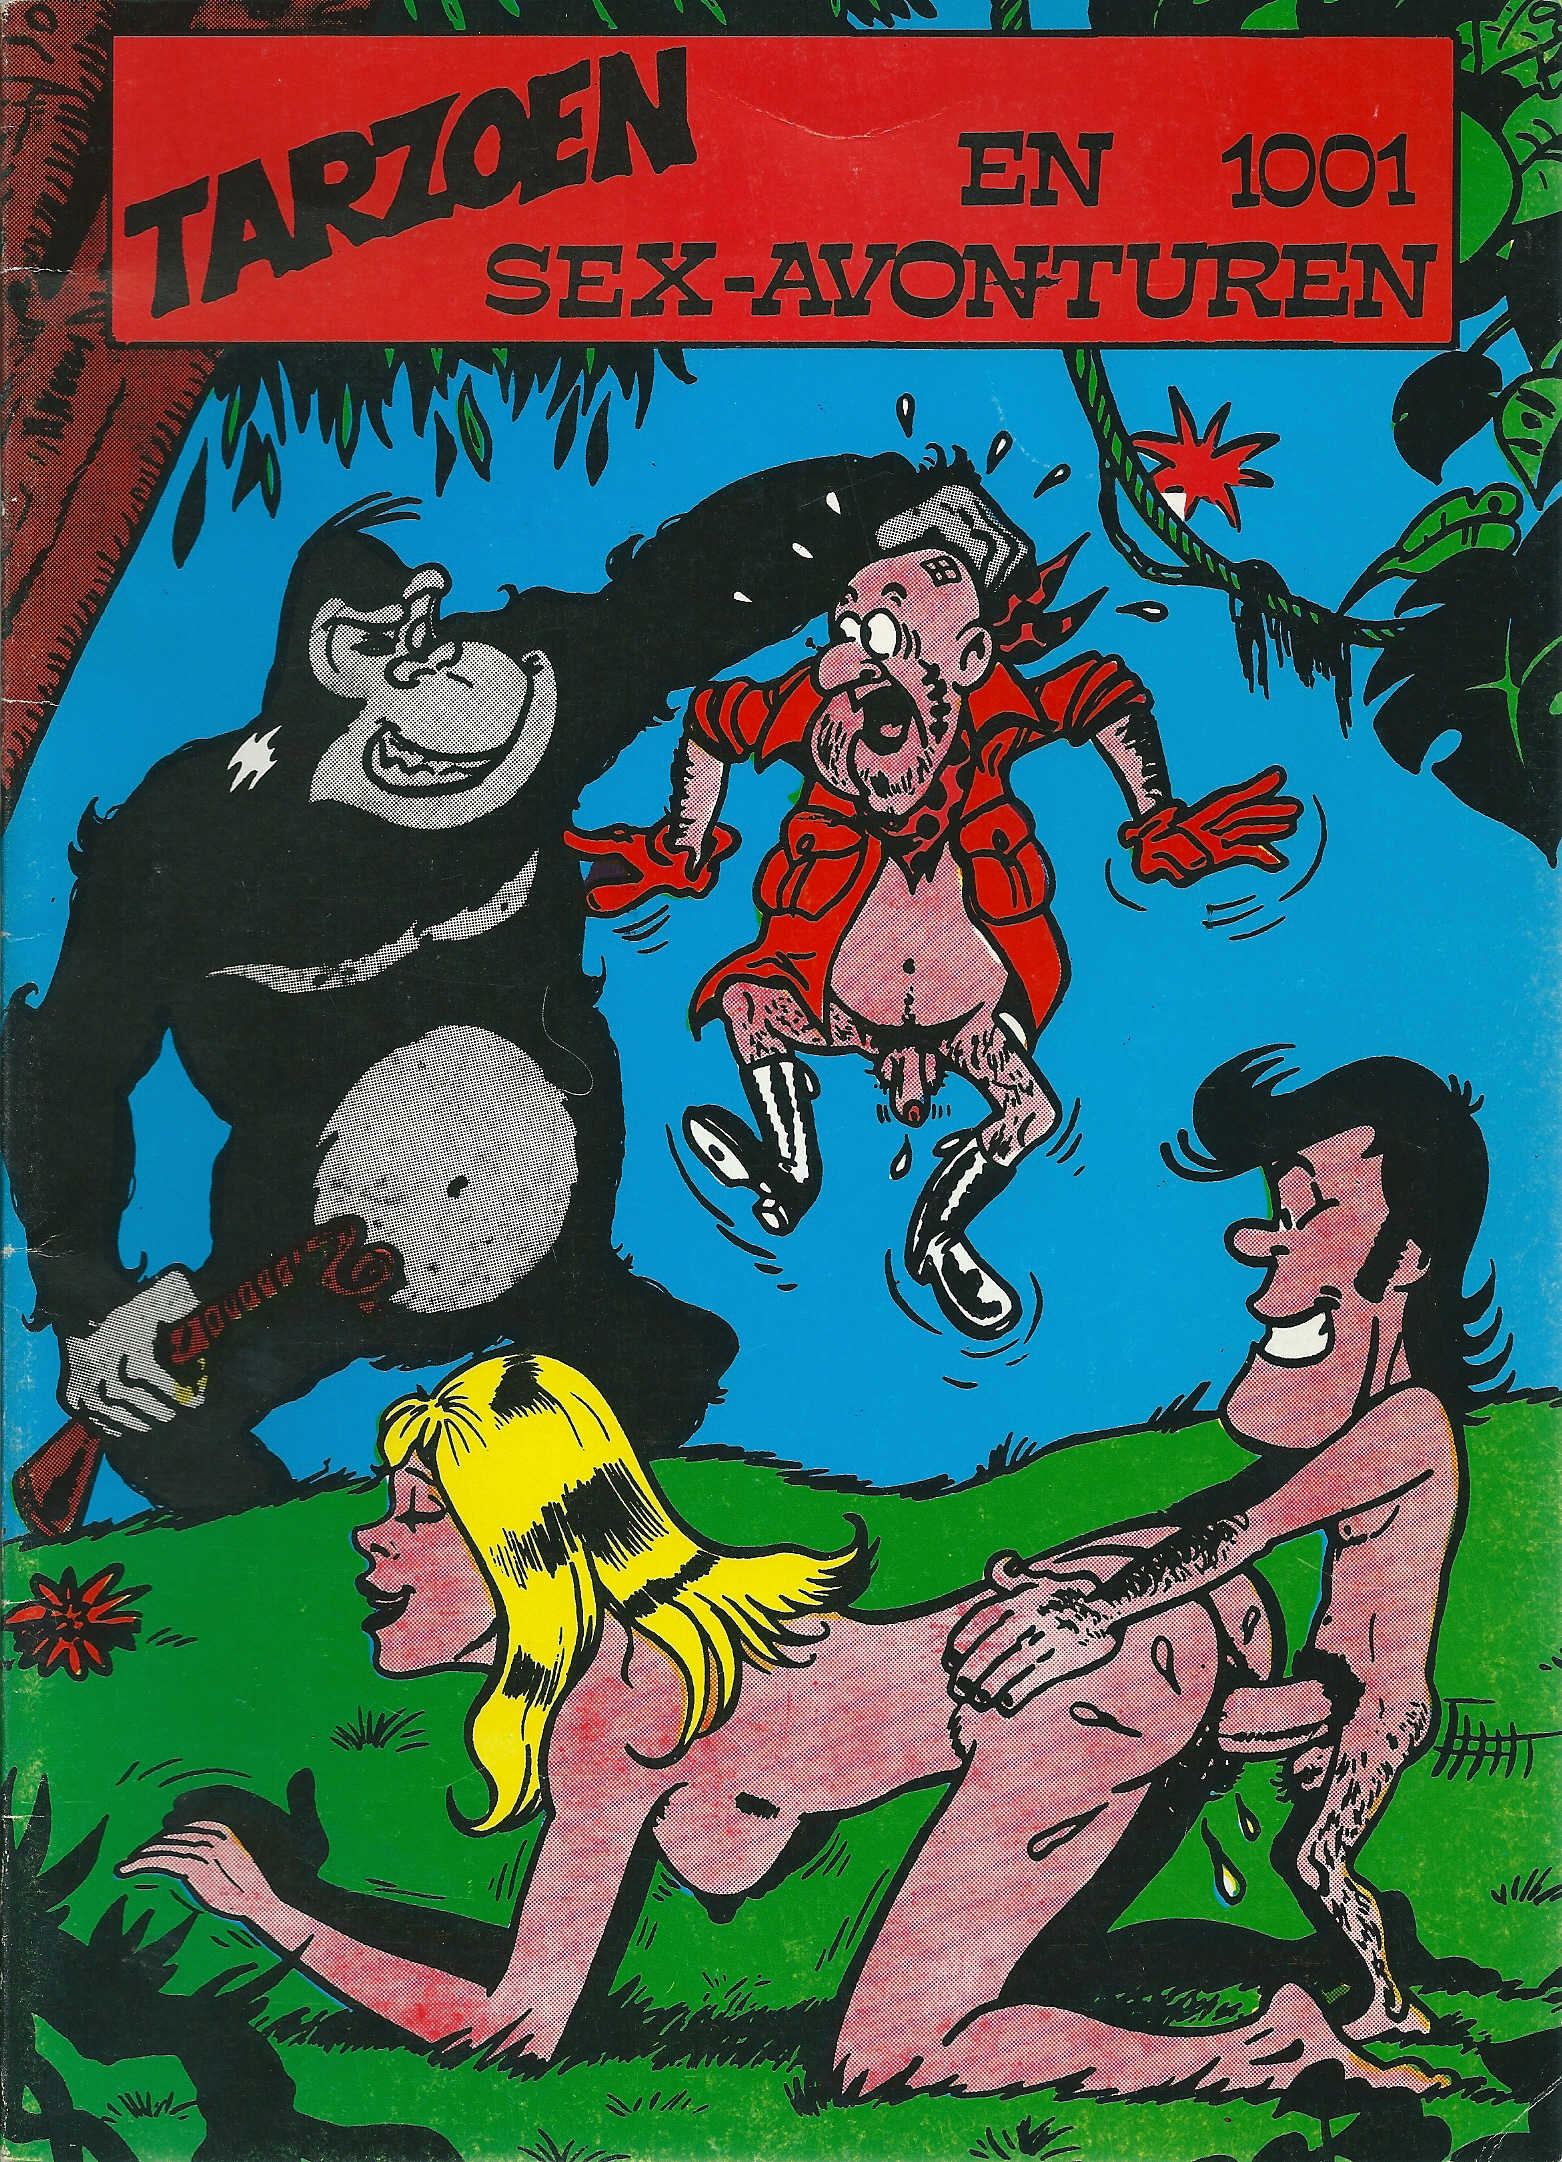 Tarzoen en 1001 sex-avonturen (parodie op Tarzan)-0